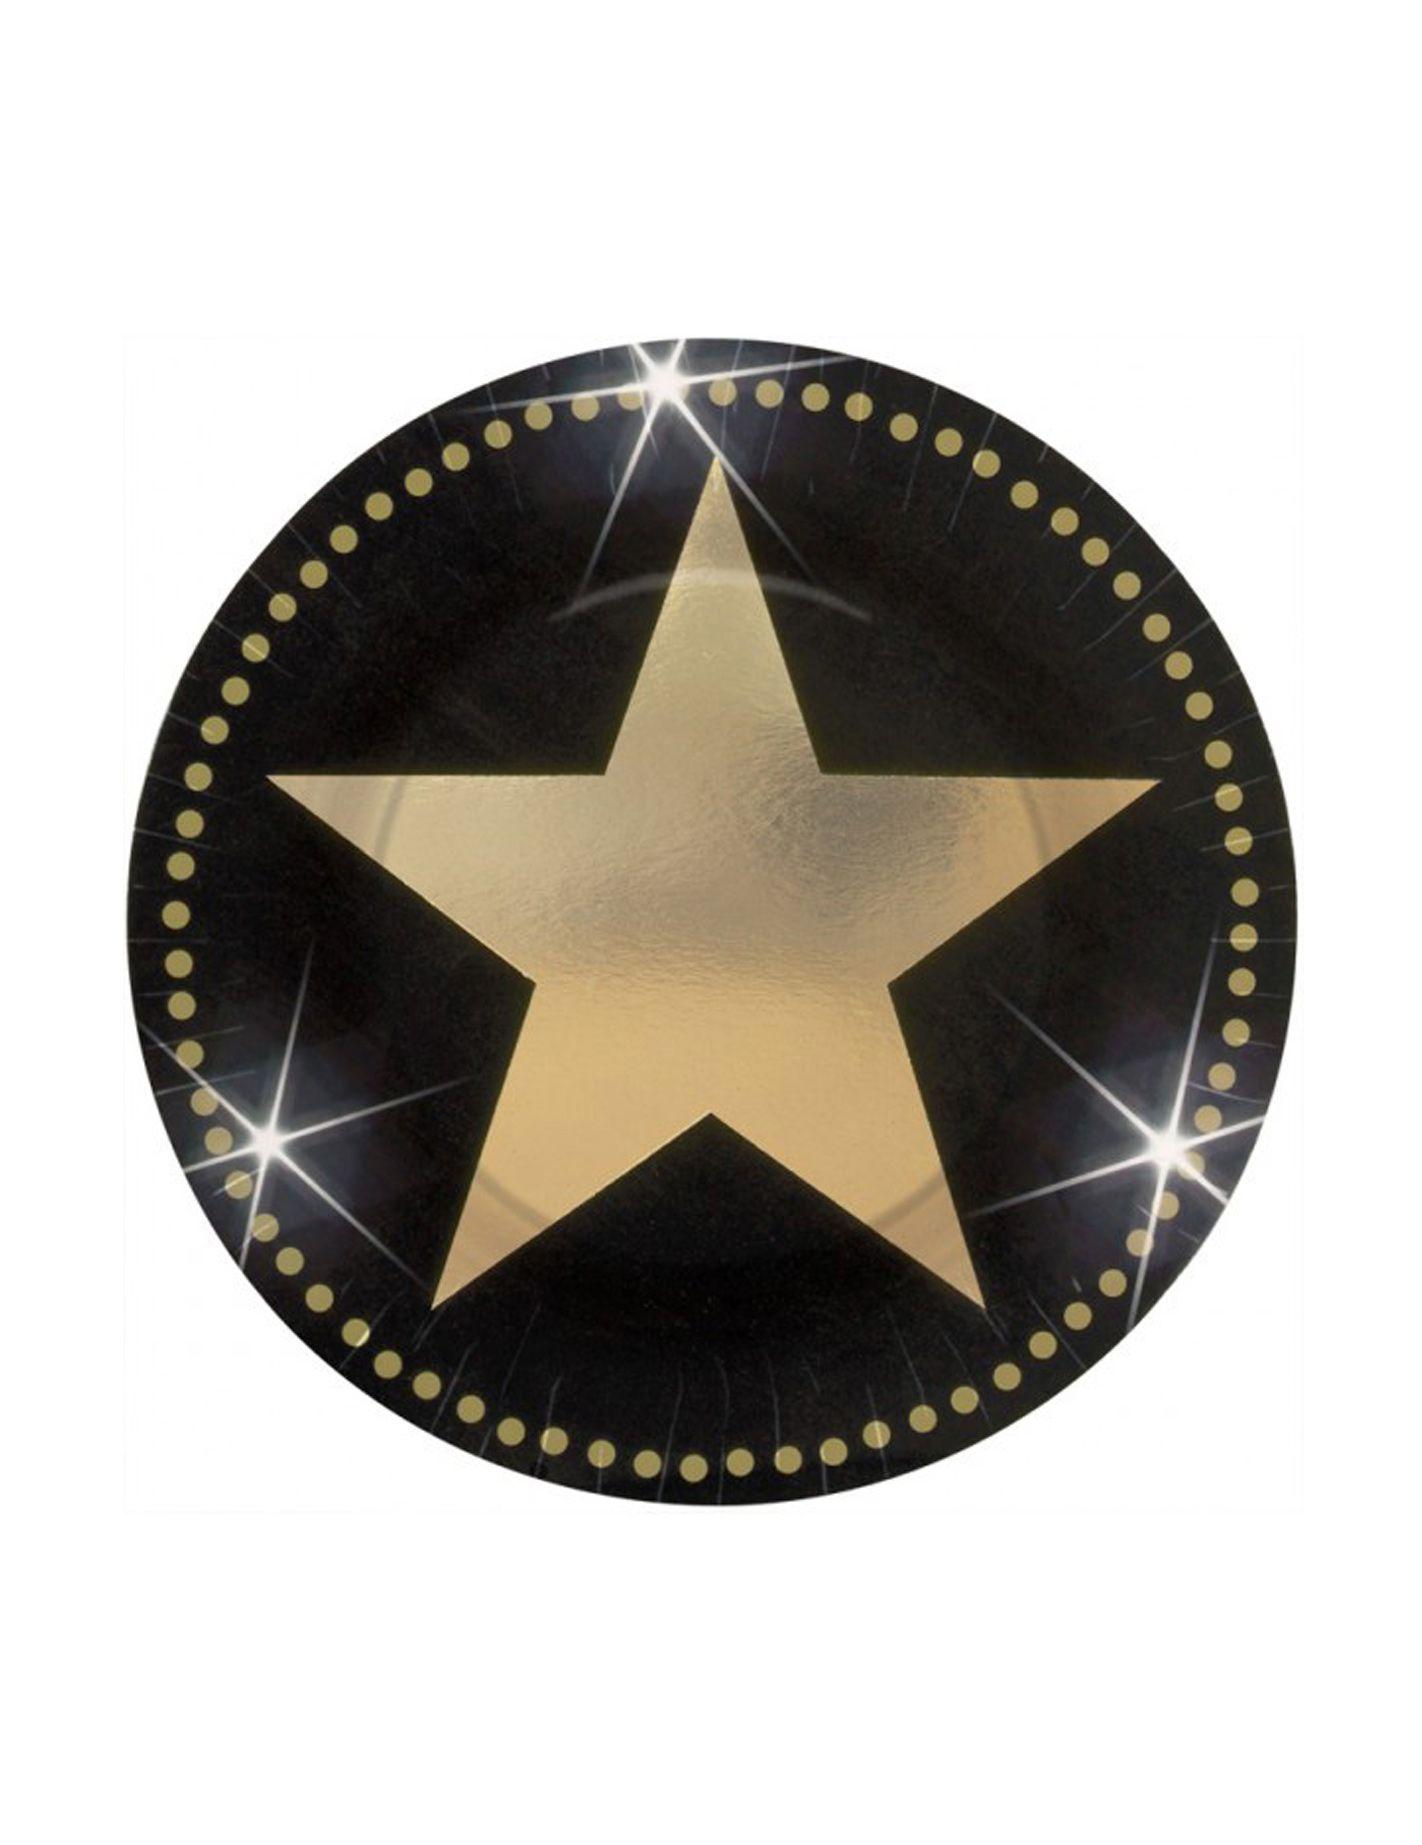 Miniplatos Con Estrellas Doradas Decoración Y Disfraces Originales Baratos Vegaoo Decoraciones De Fiesta De Hollywood Fiesta De Cine Fiesta De Hollywood